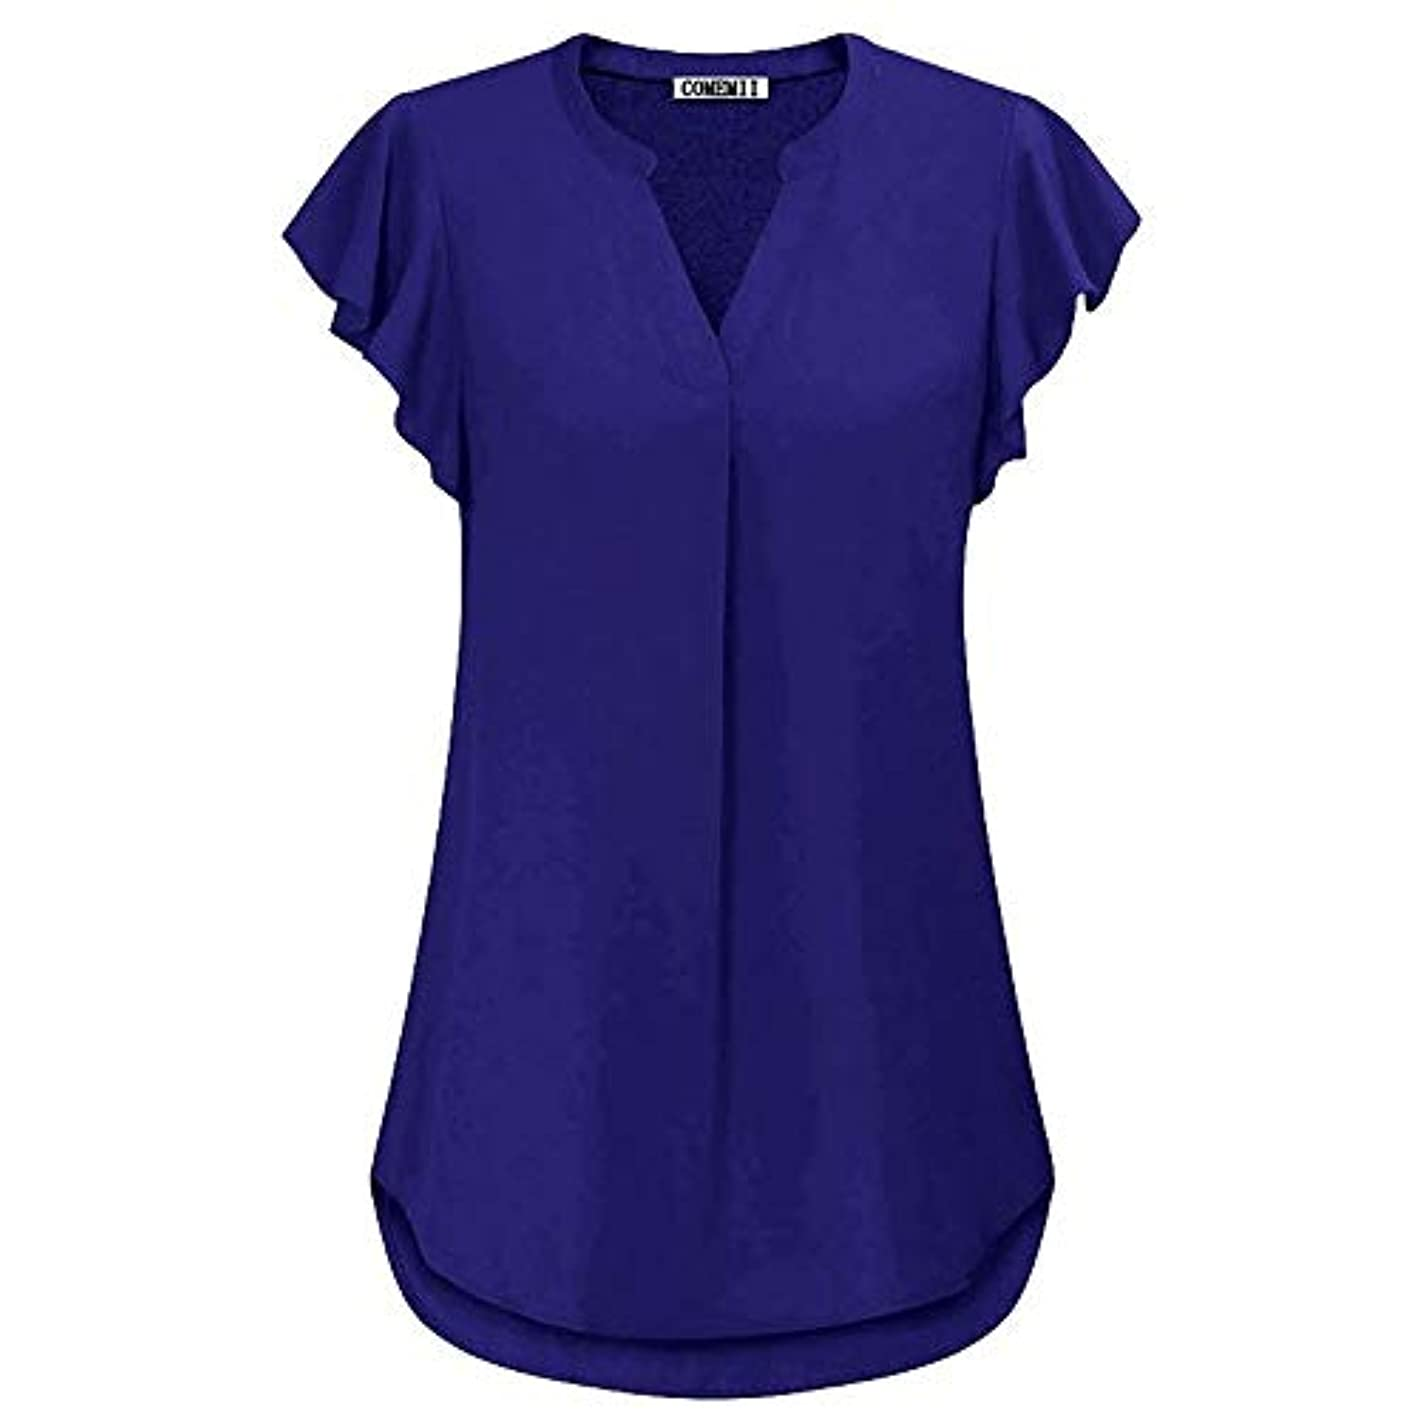 航空機ママインチMIFAN女性ブラウス、シフォンブラウス、カジュアルTシャツ、ゆったりしたTシャツ、夏用トップス、シフォンシャツ、半袖、プラスサイズのファッション